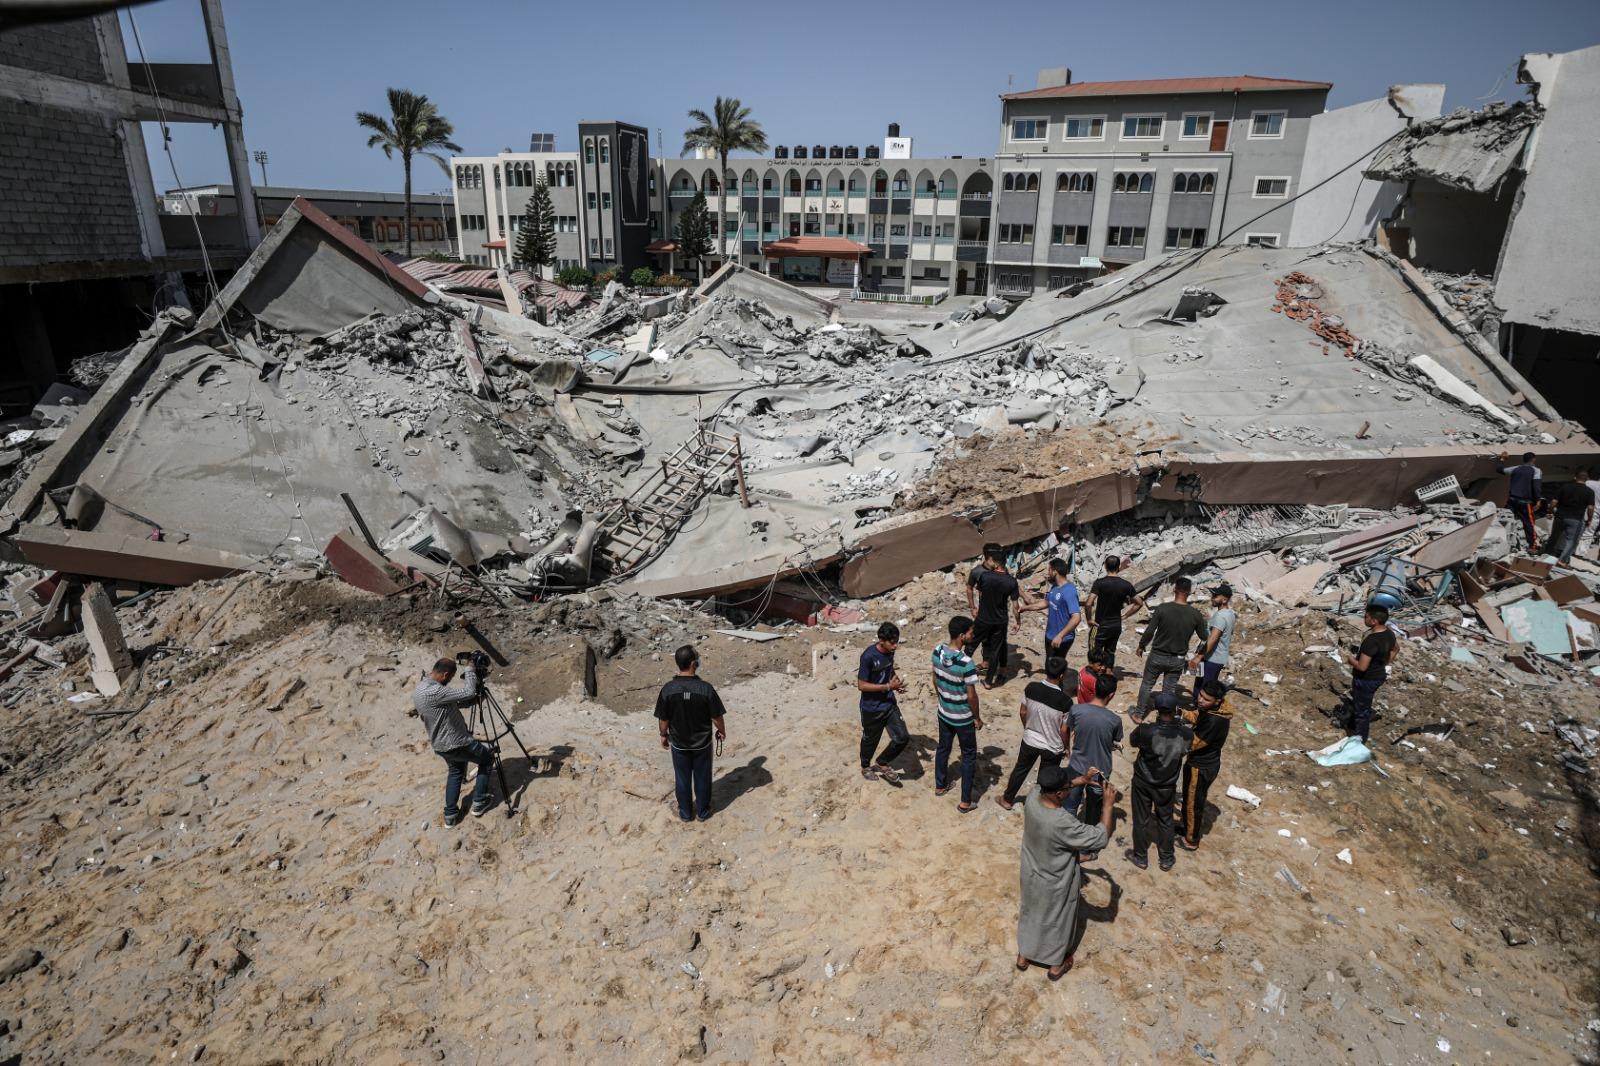 28 شهيدا في غزة.. الاحتلال يستهدف منازل ومدارس ومنشآت مدنية